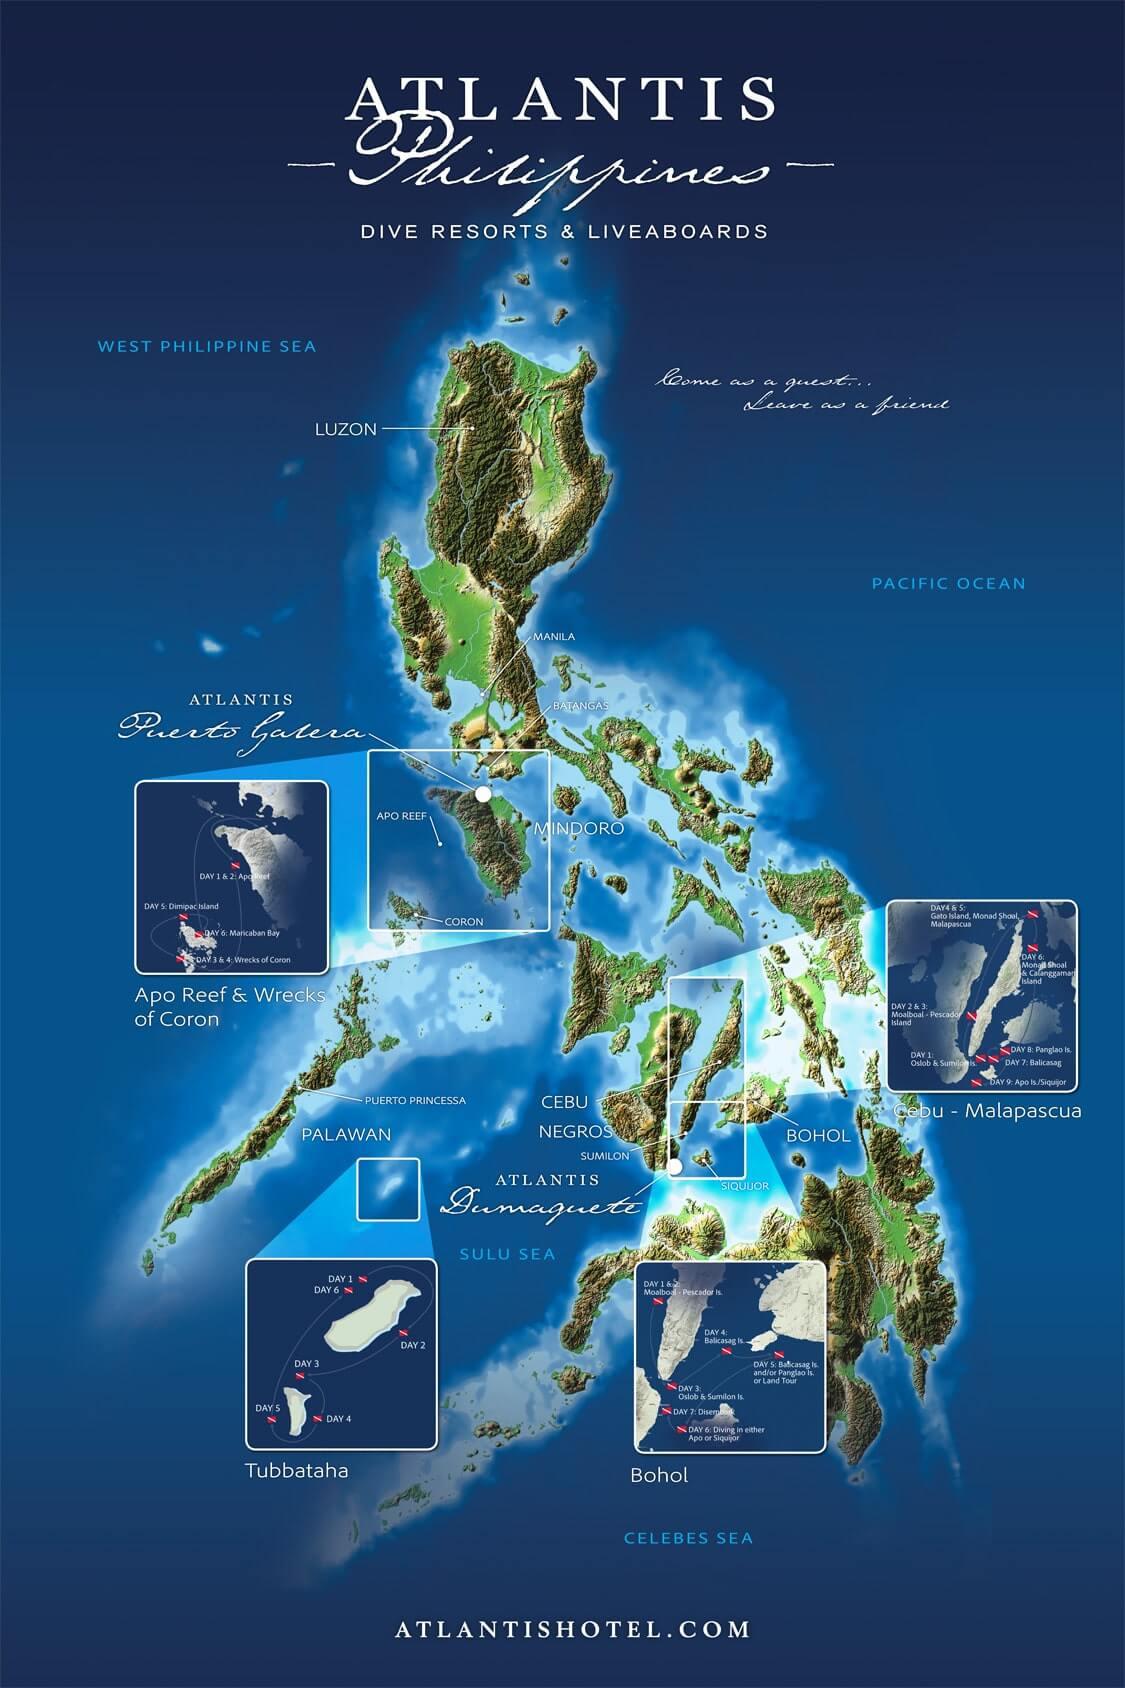 atlantis azores map routes